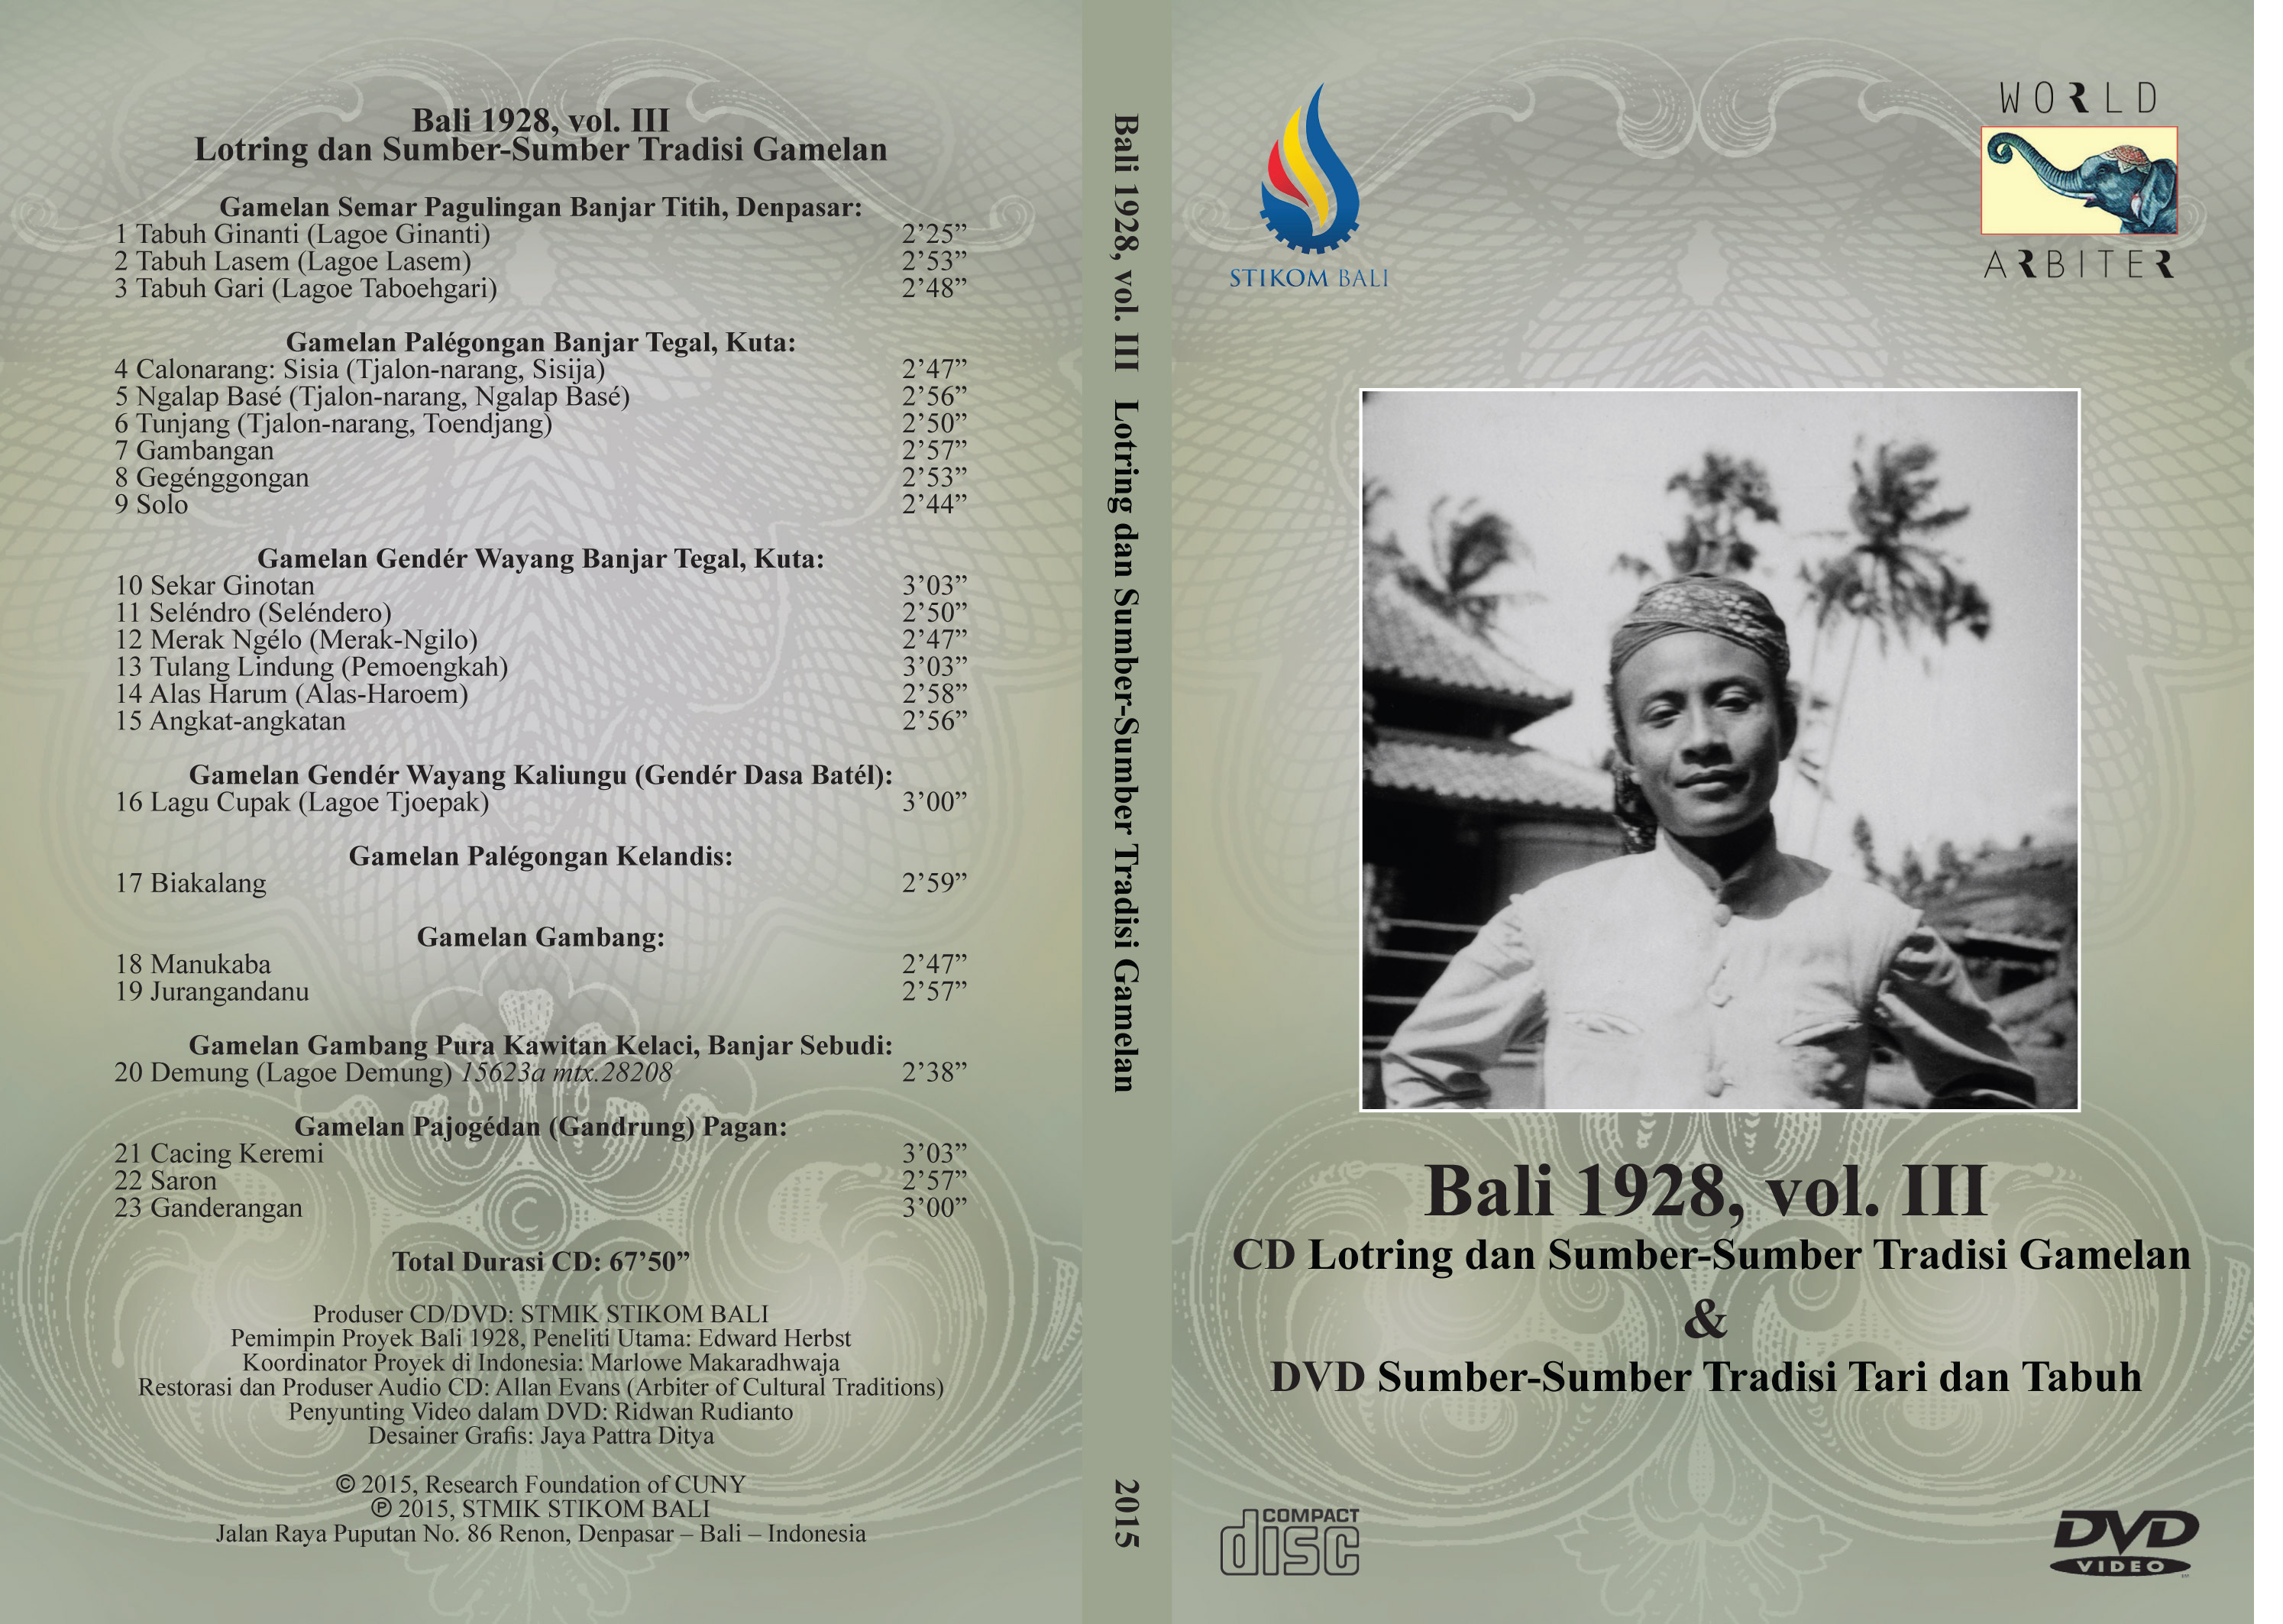 Bali-1928-Vol-III